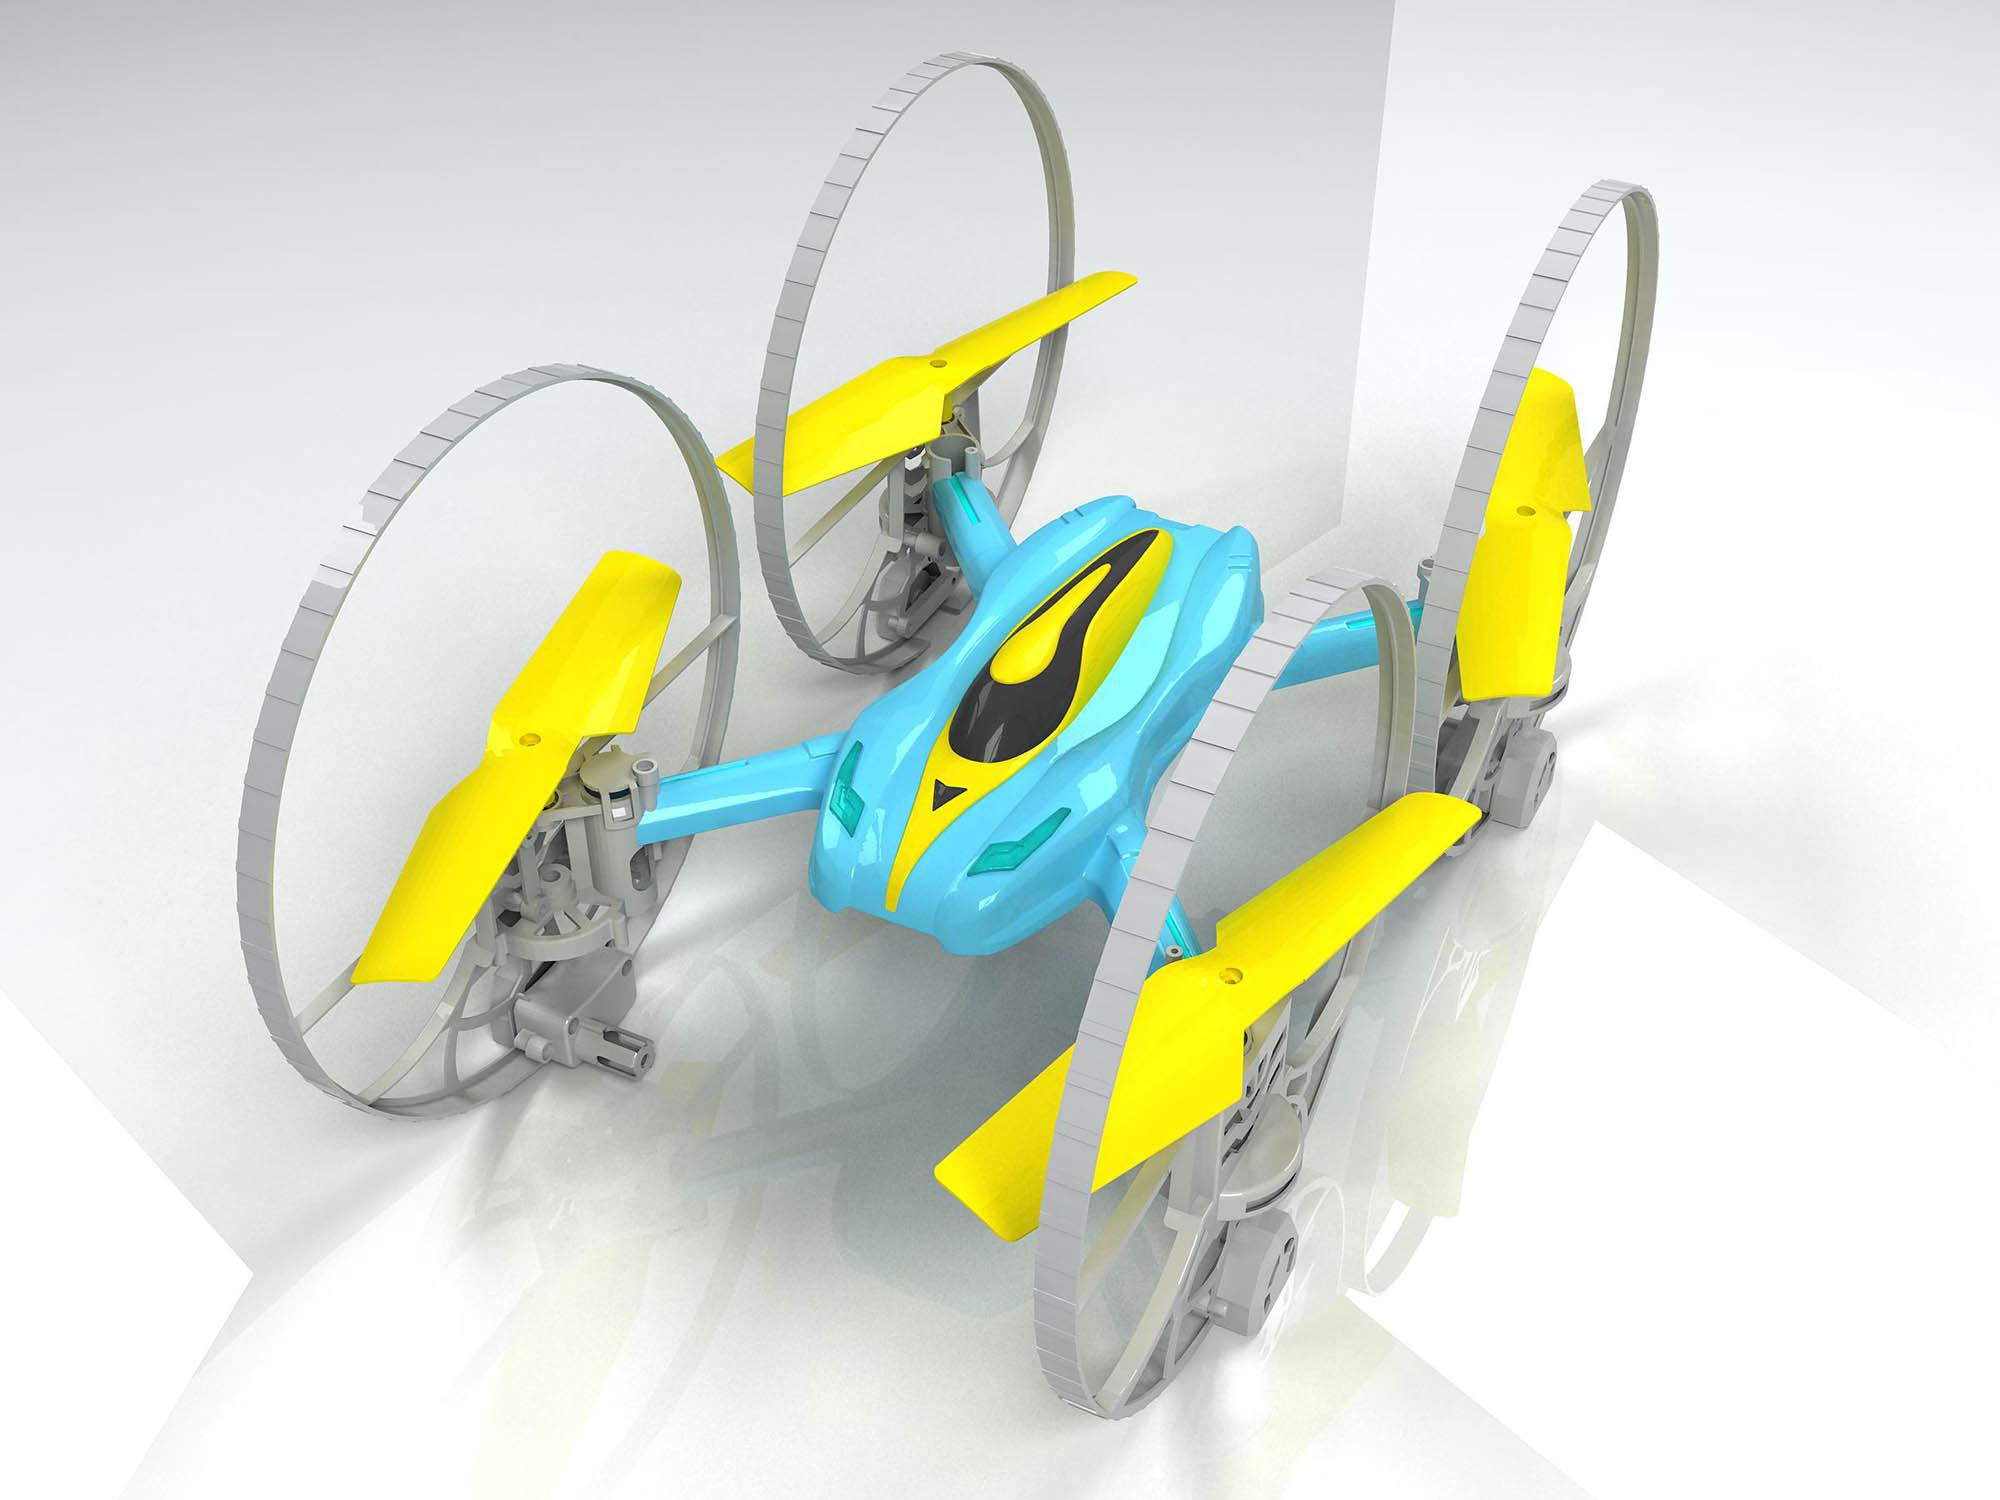 四轴飞行器设计